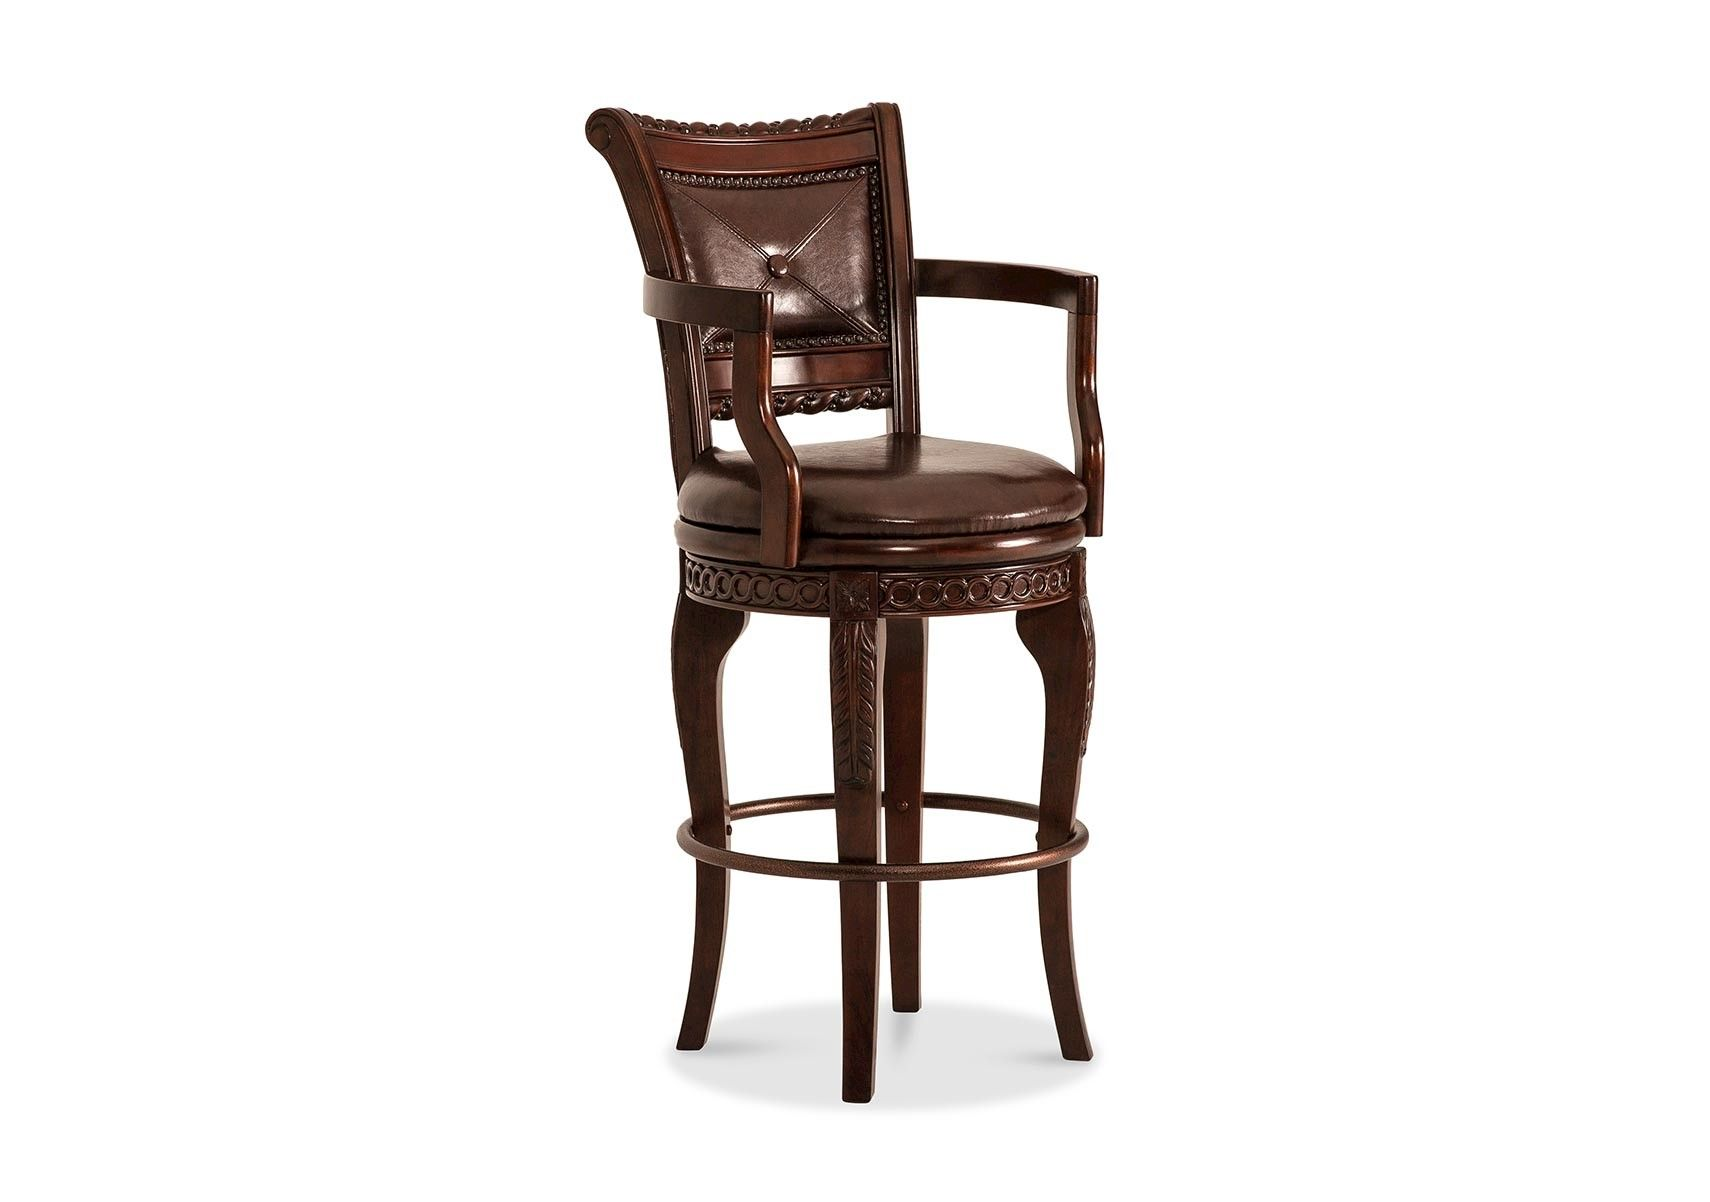 Lacks Antoinette Upholstered Swivel Barstool Bar Stools Traditional Style Homes Upholster